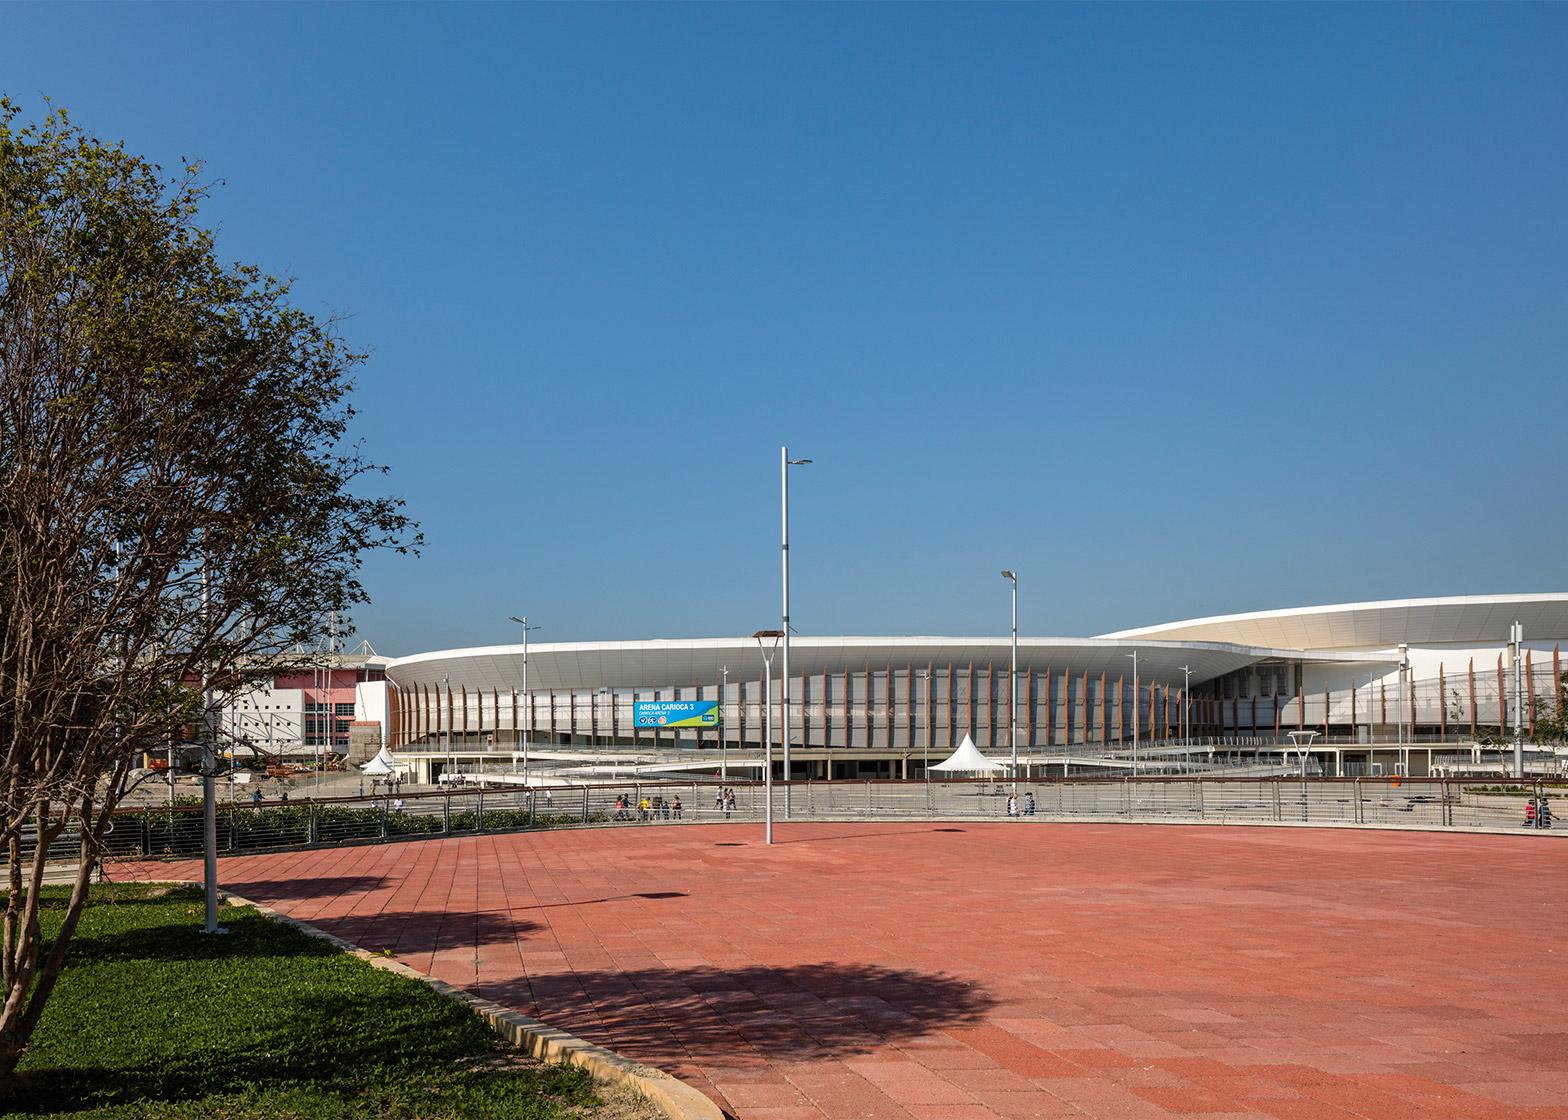 Arena Carioca, Barra Olympic Park, by Arqhos Consultoria e Projetos